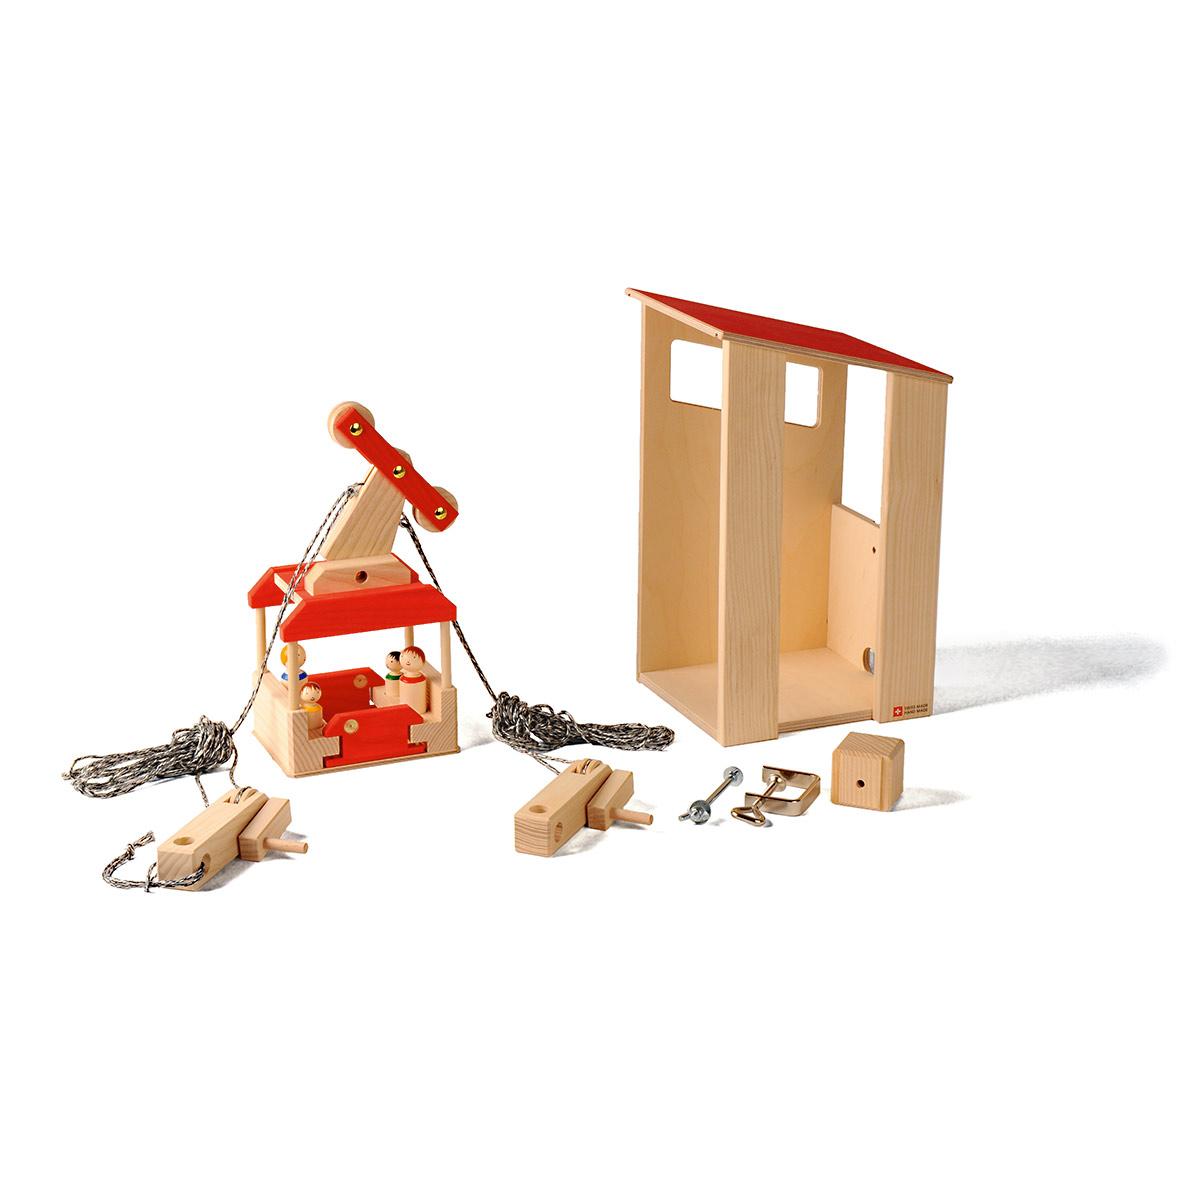 kinderspielzeug seilbahn set mit station, holz